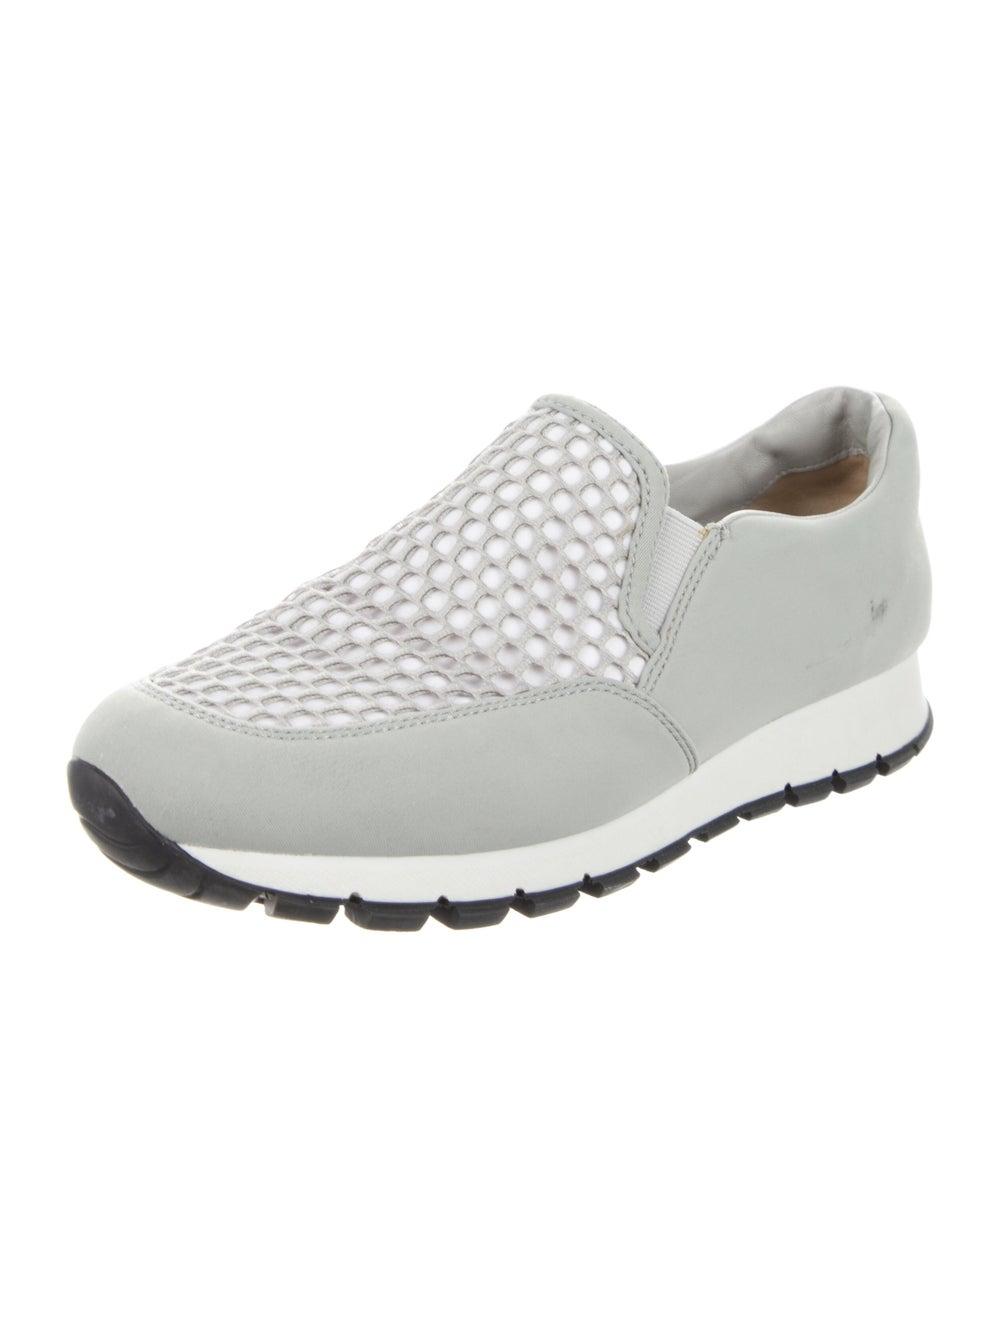 Prada Sneakers Grey - image 2